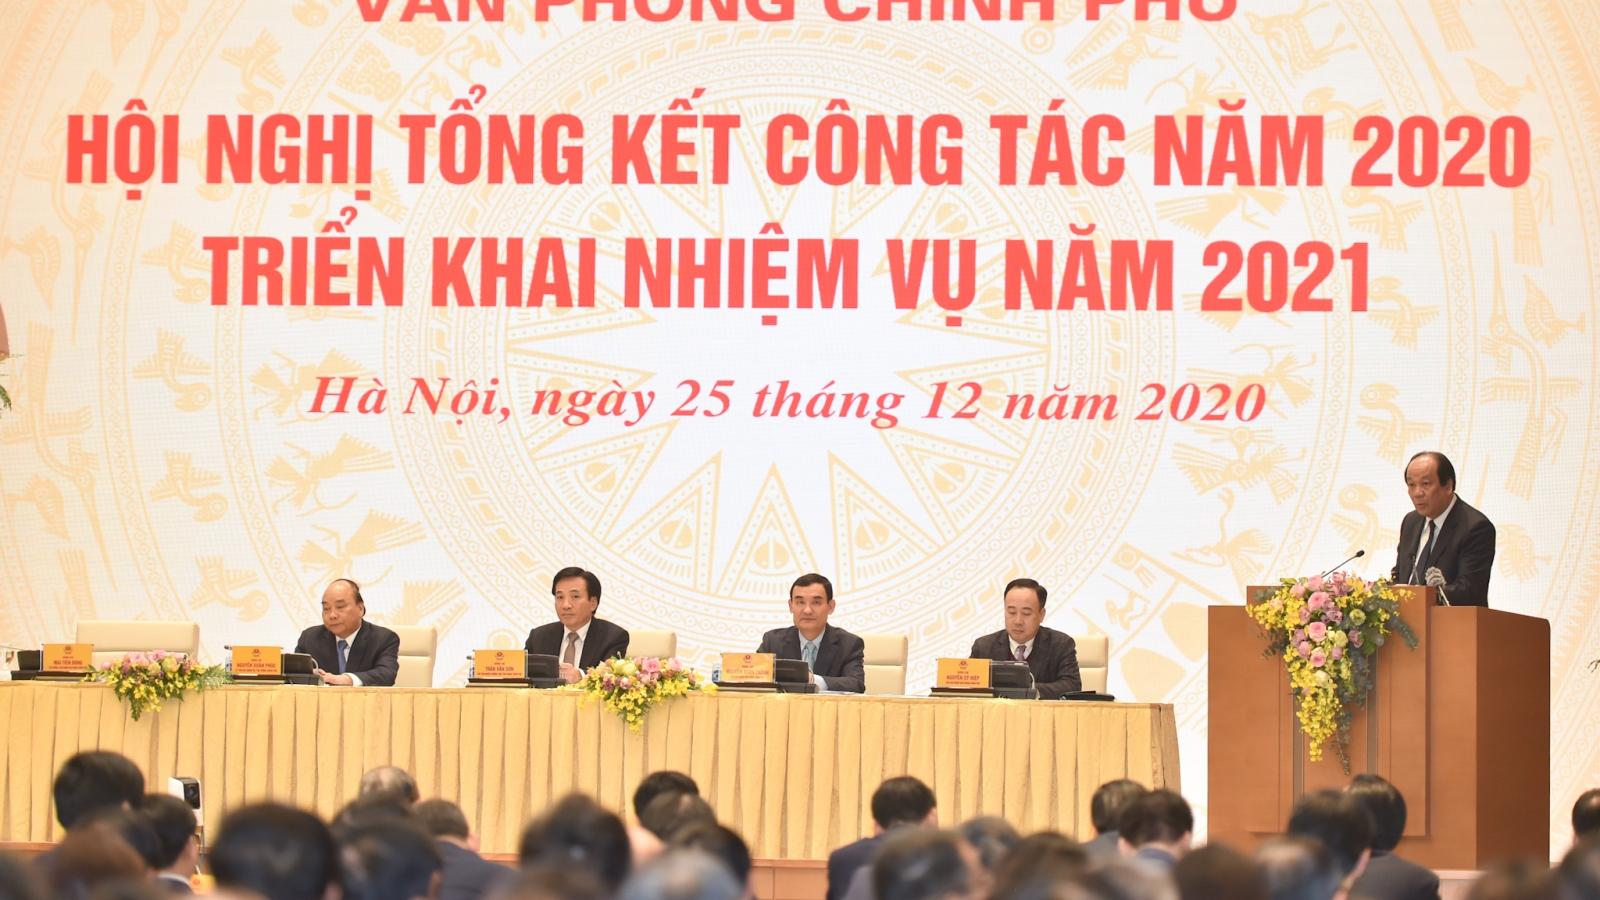 Thủ tướng: Văn phòng Chính phủ phải là cơ quan hành chính kiểu mẫu